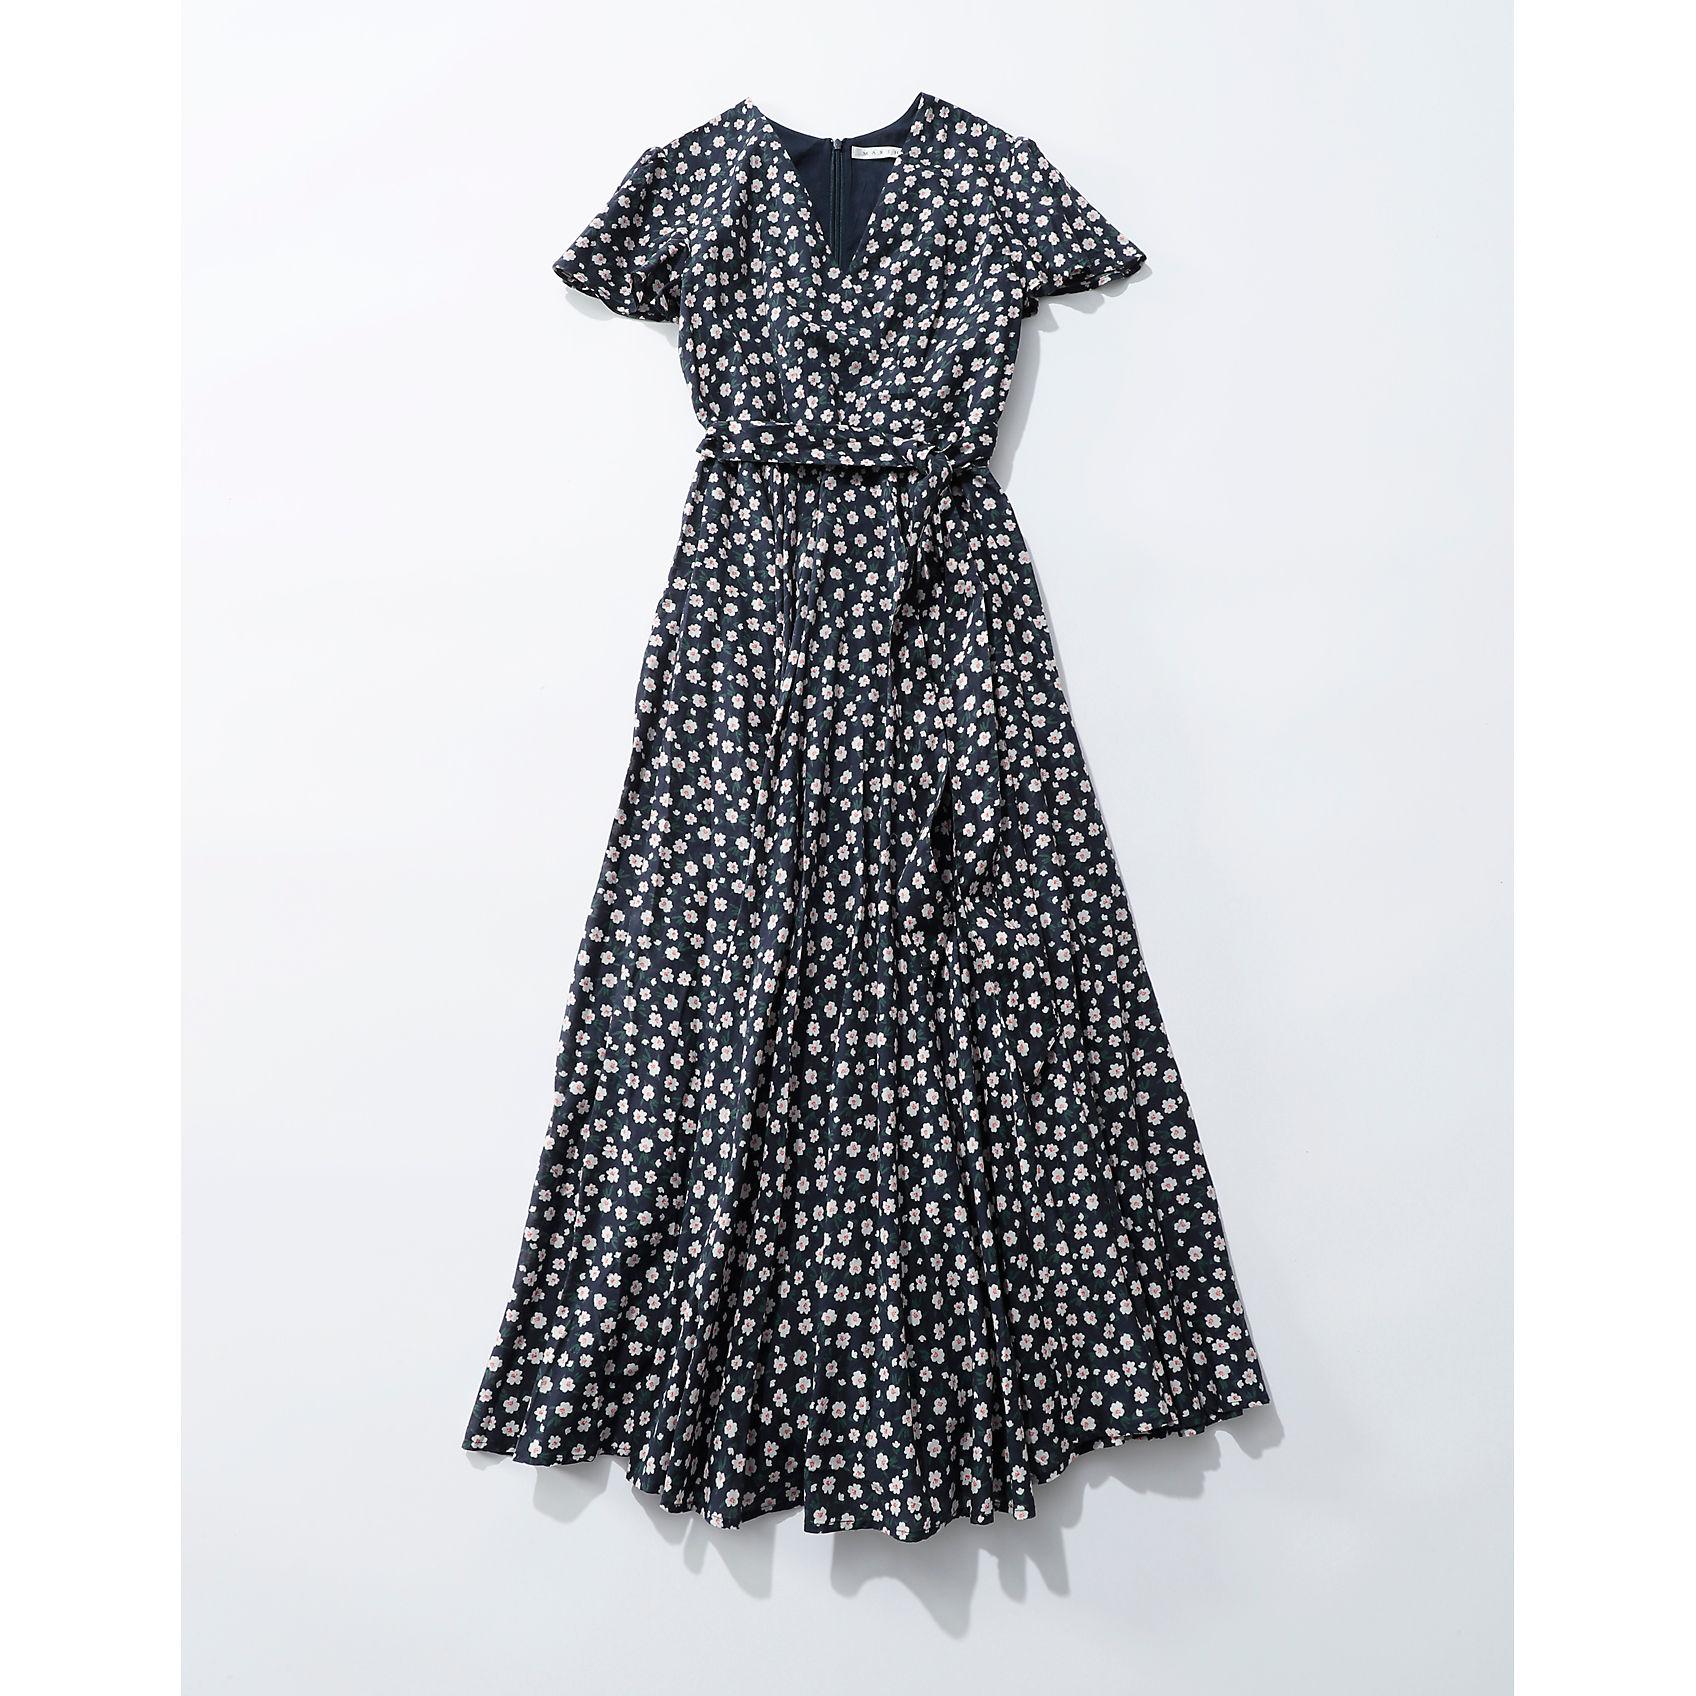 MARIHA/【HAPPYPLUSSTORE別注】マドモアゼルのドレス/¥31,000+税